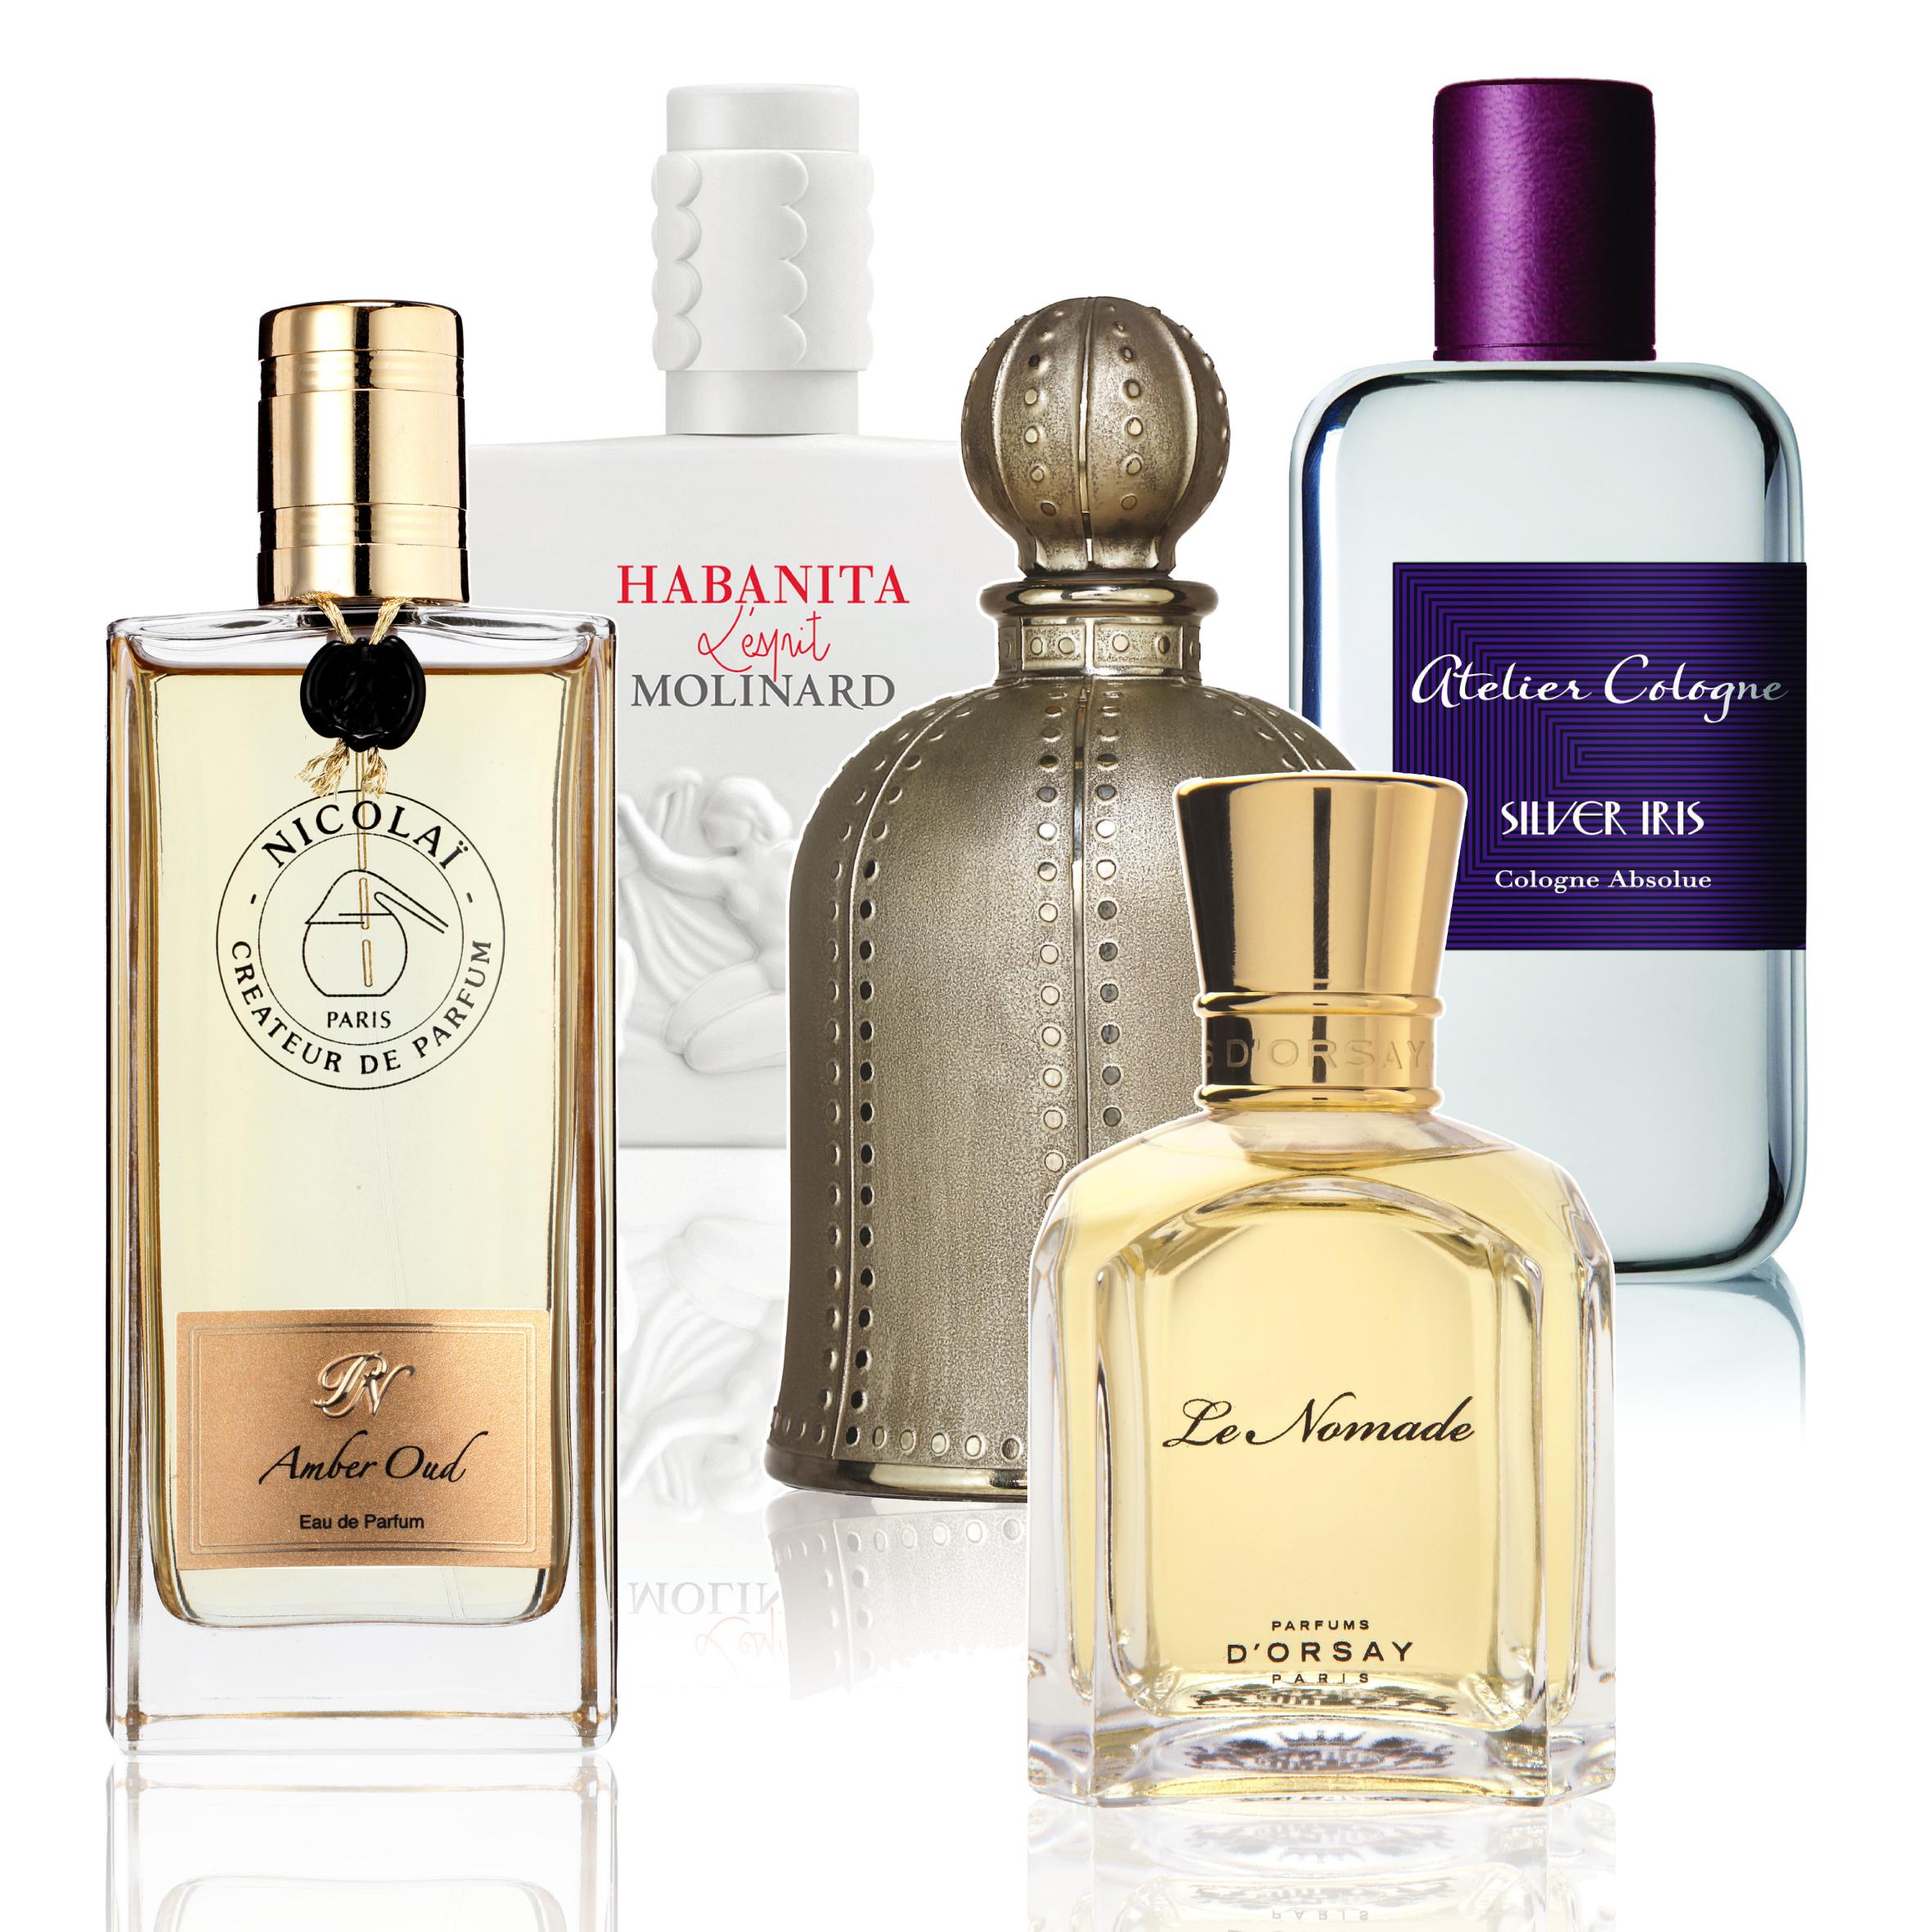 beaute_parfums_noel2013-3